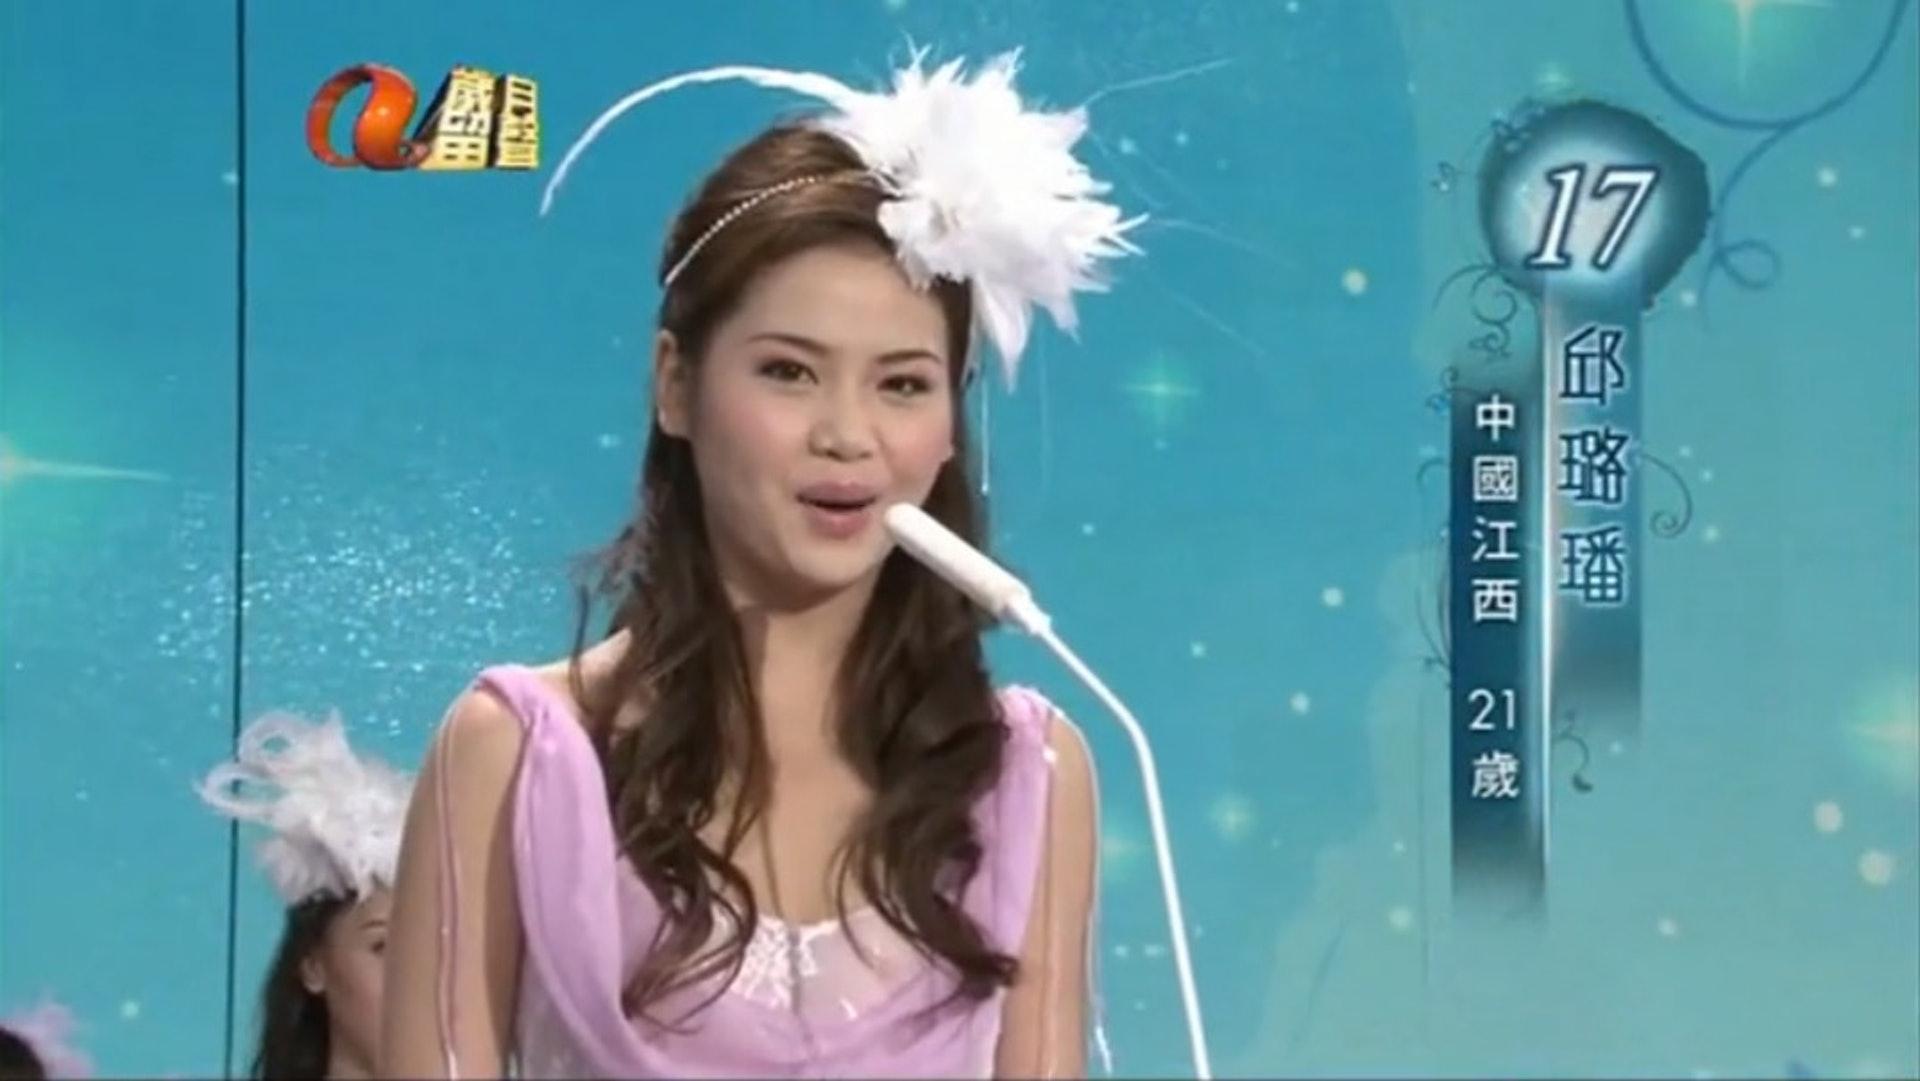 邱意濃參選中華小姐大賽。(影片截圖)